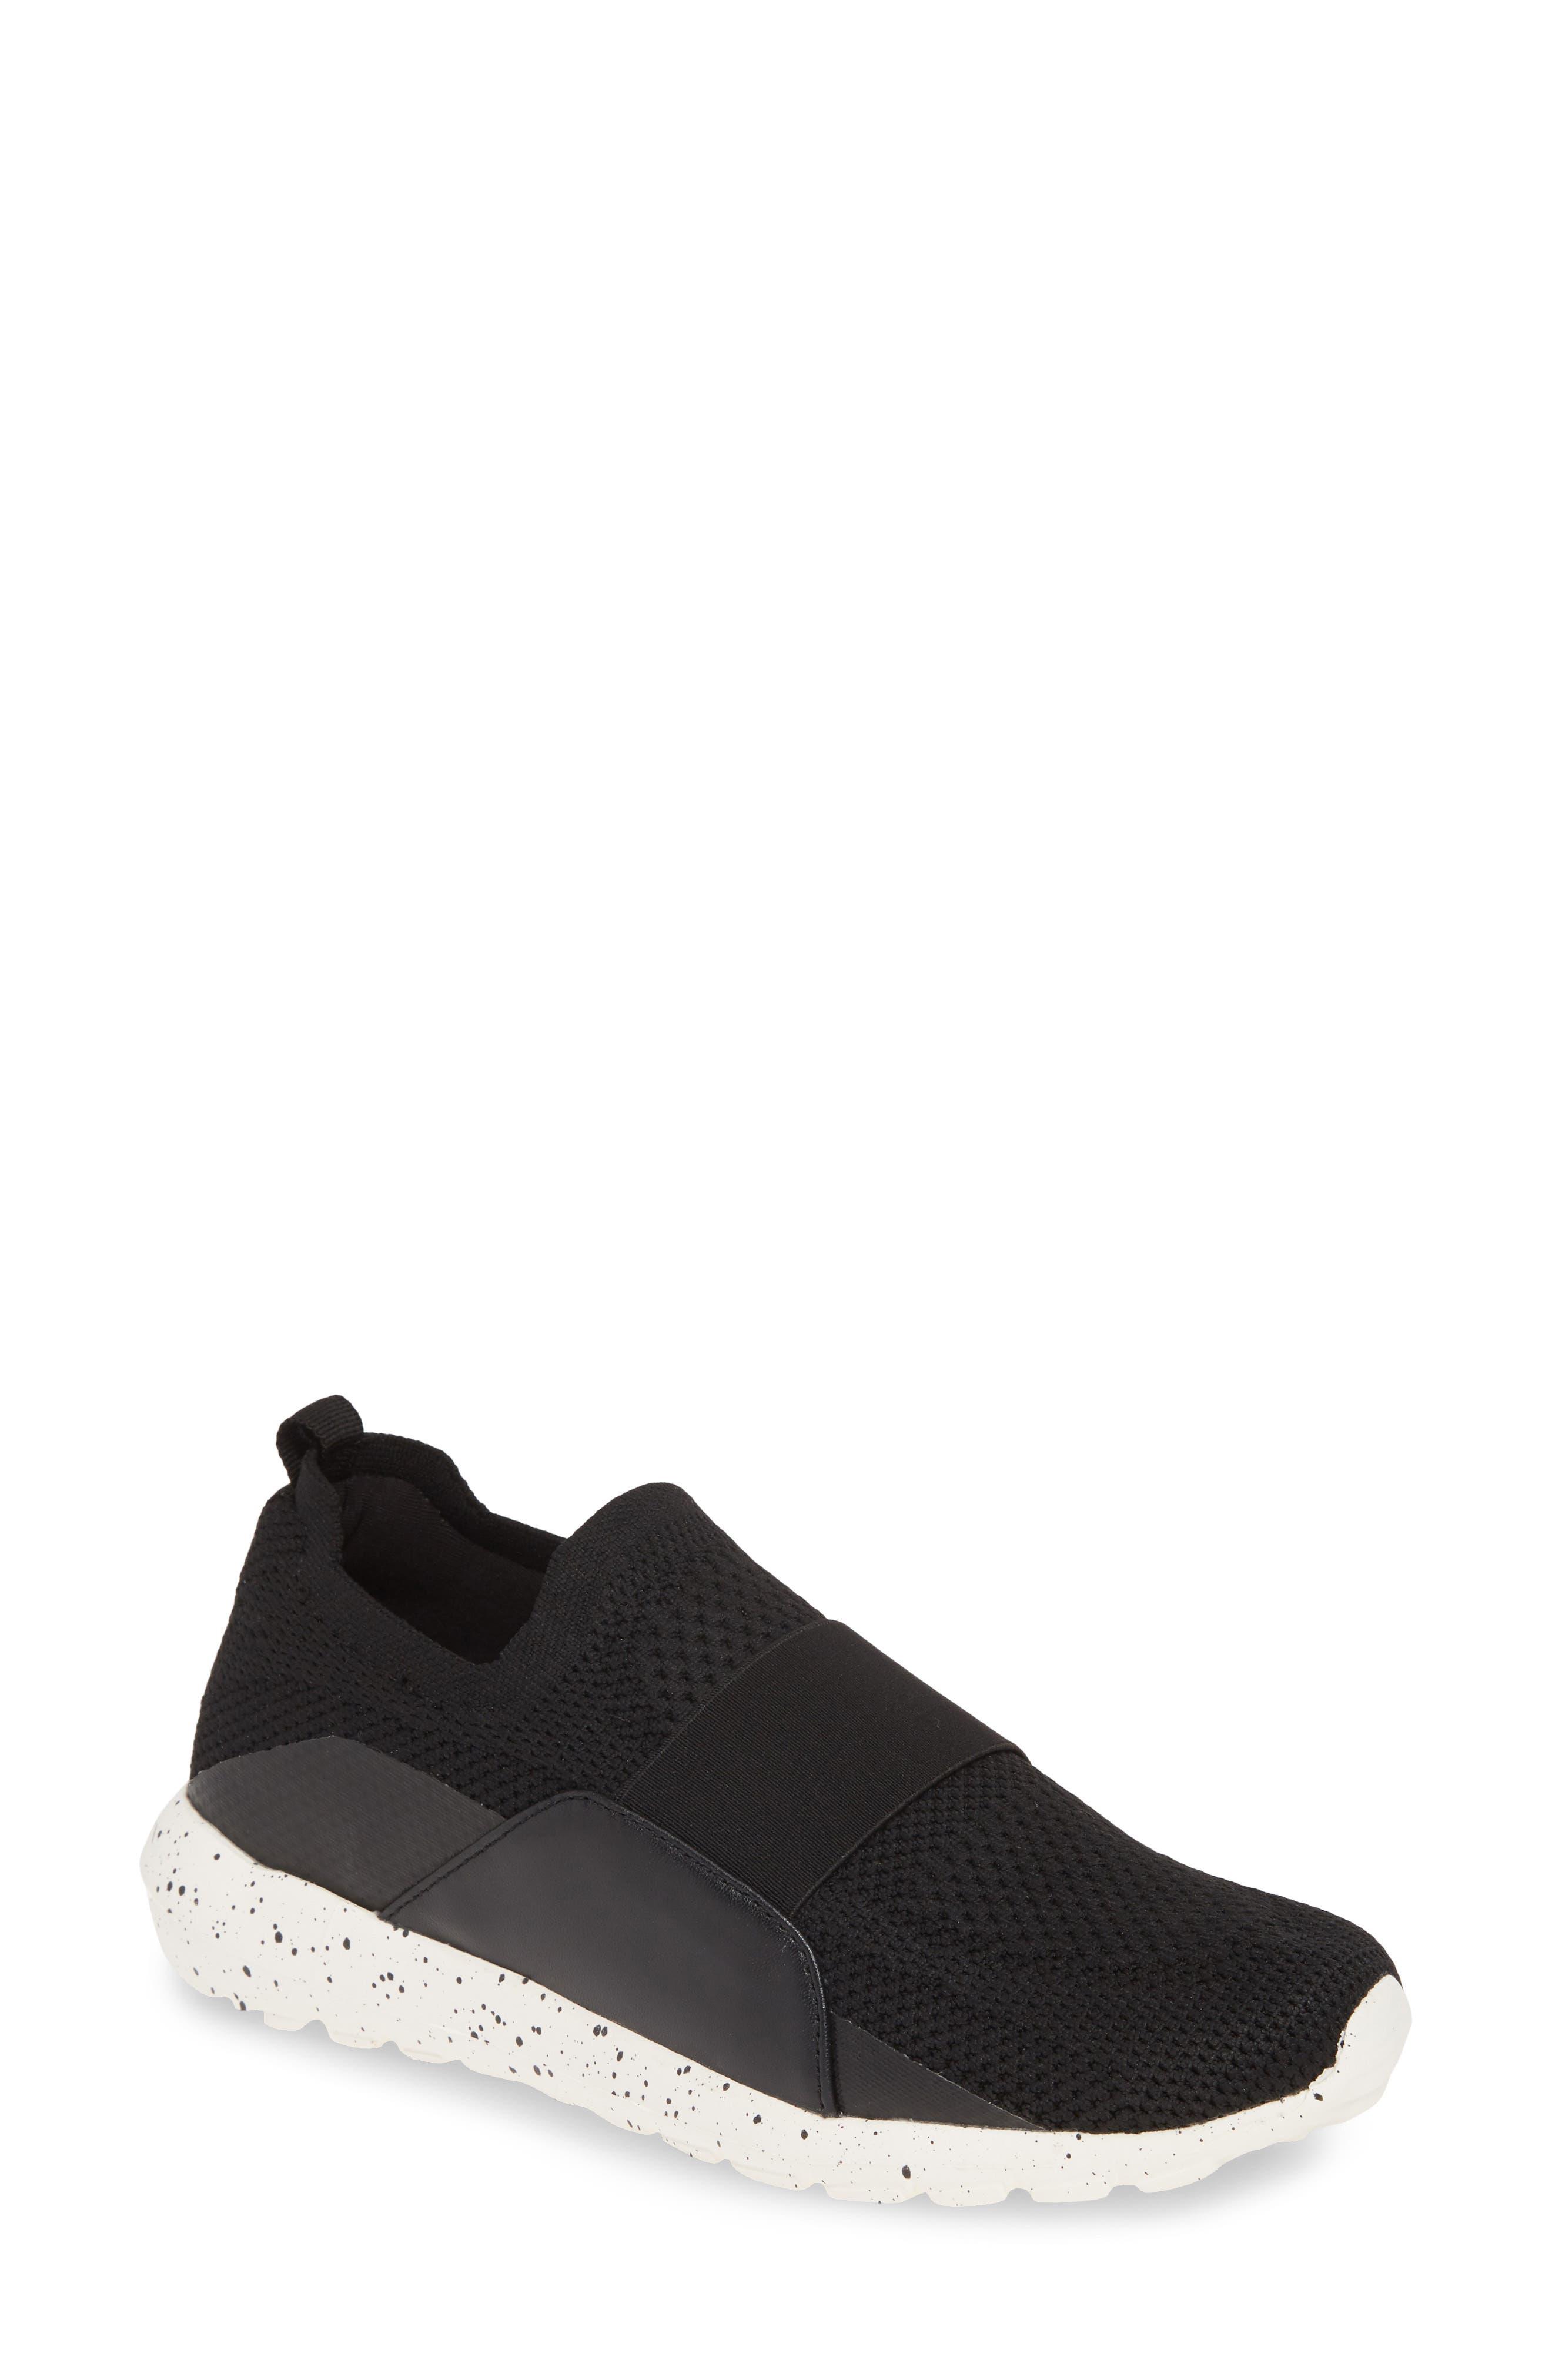 Bernie Mev. Asako Slip-On Sneaker